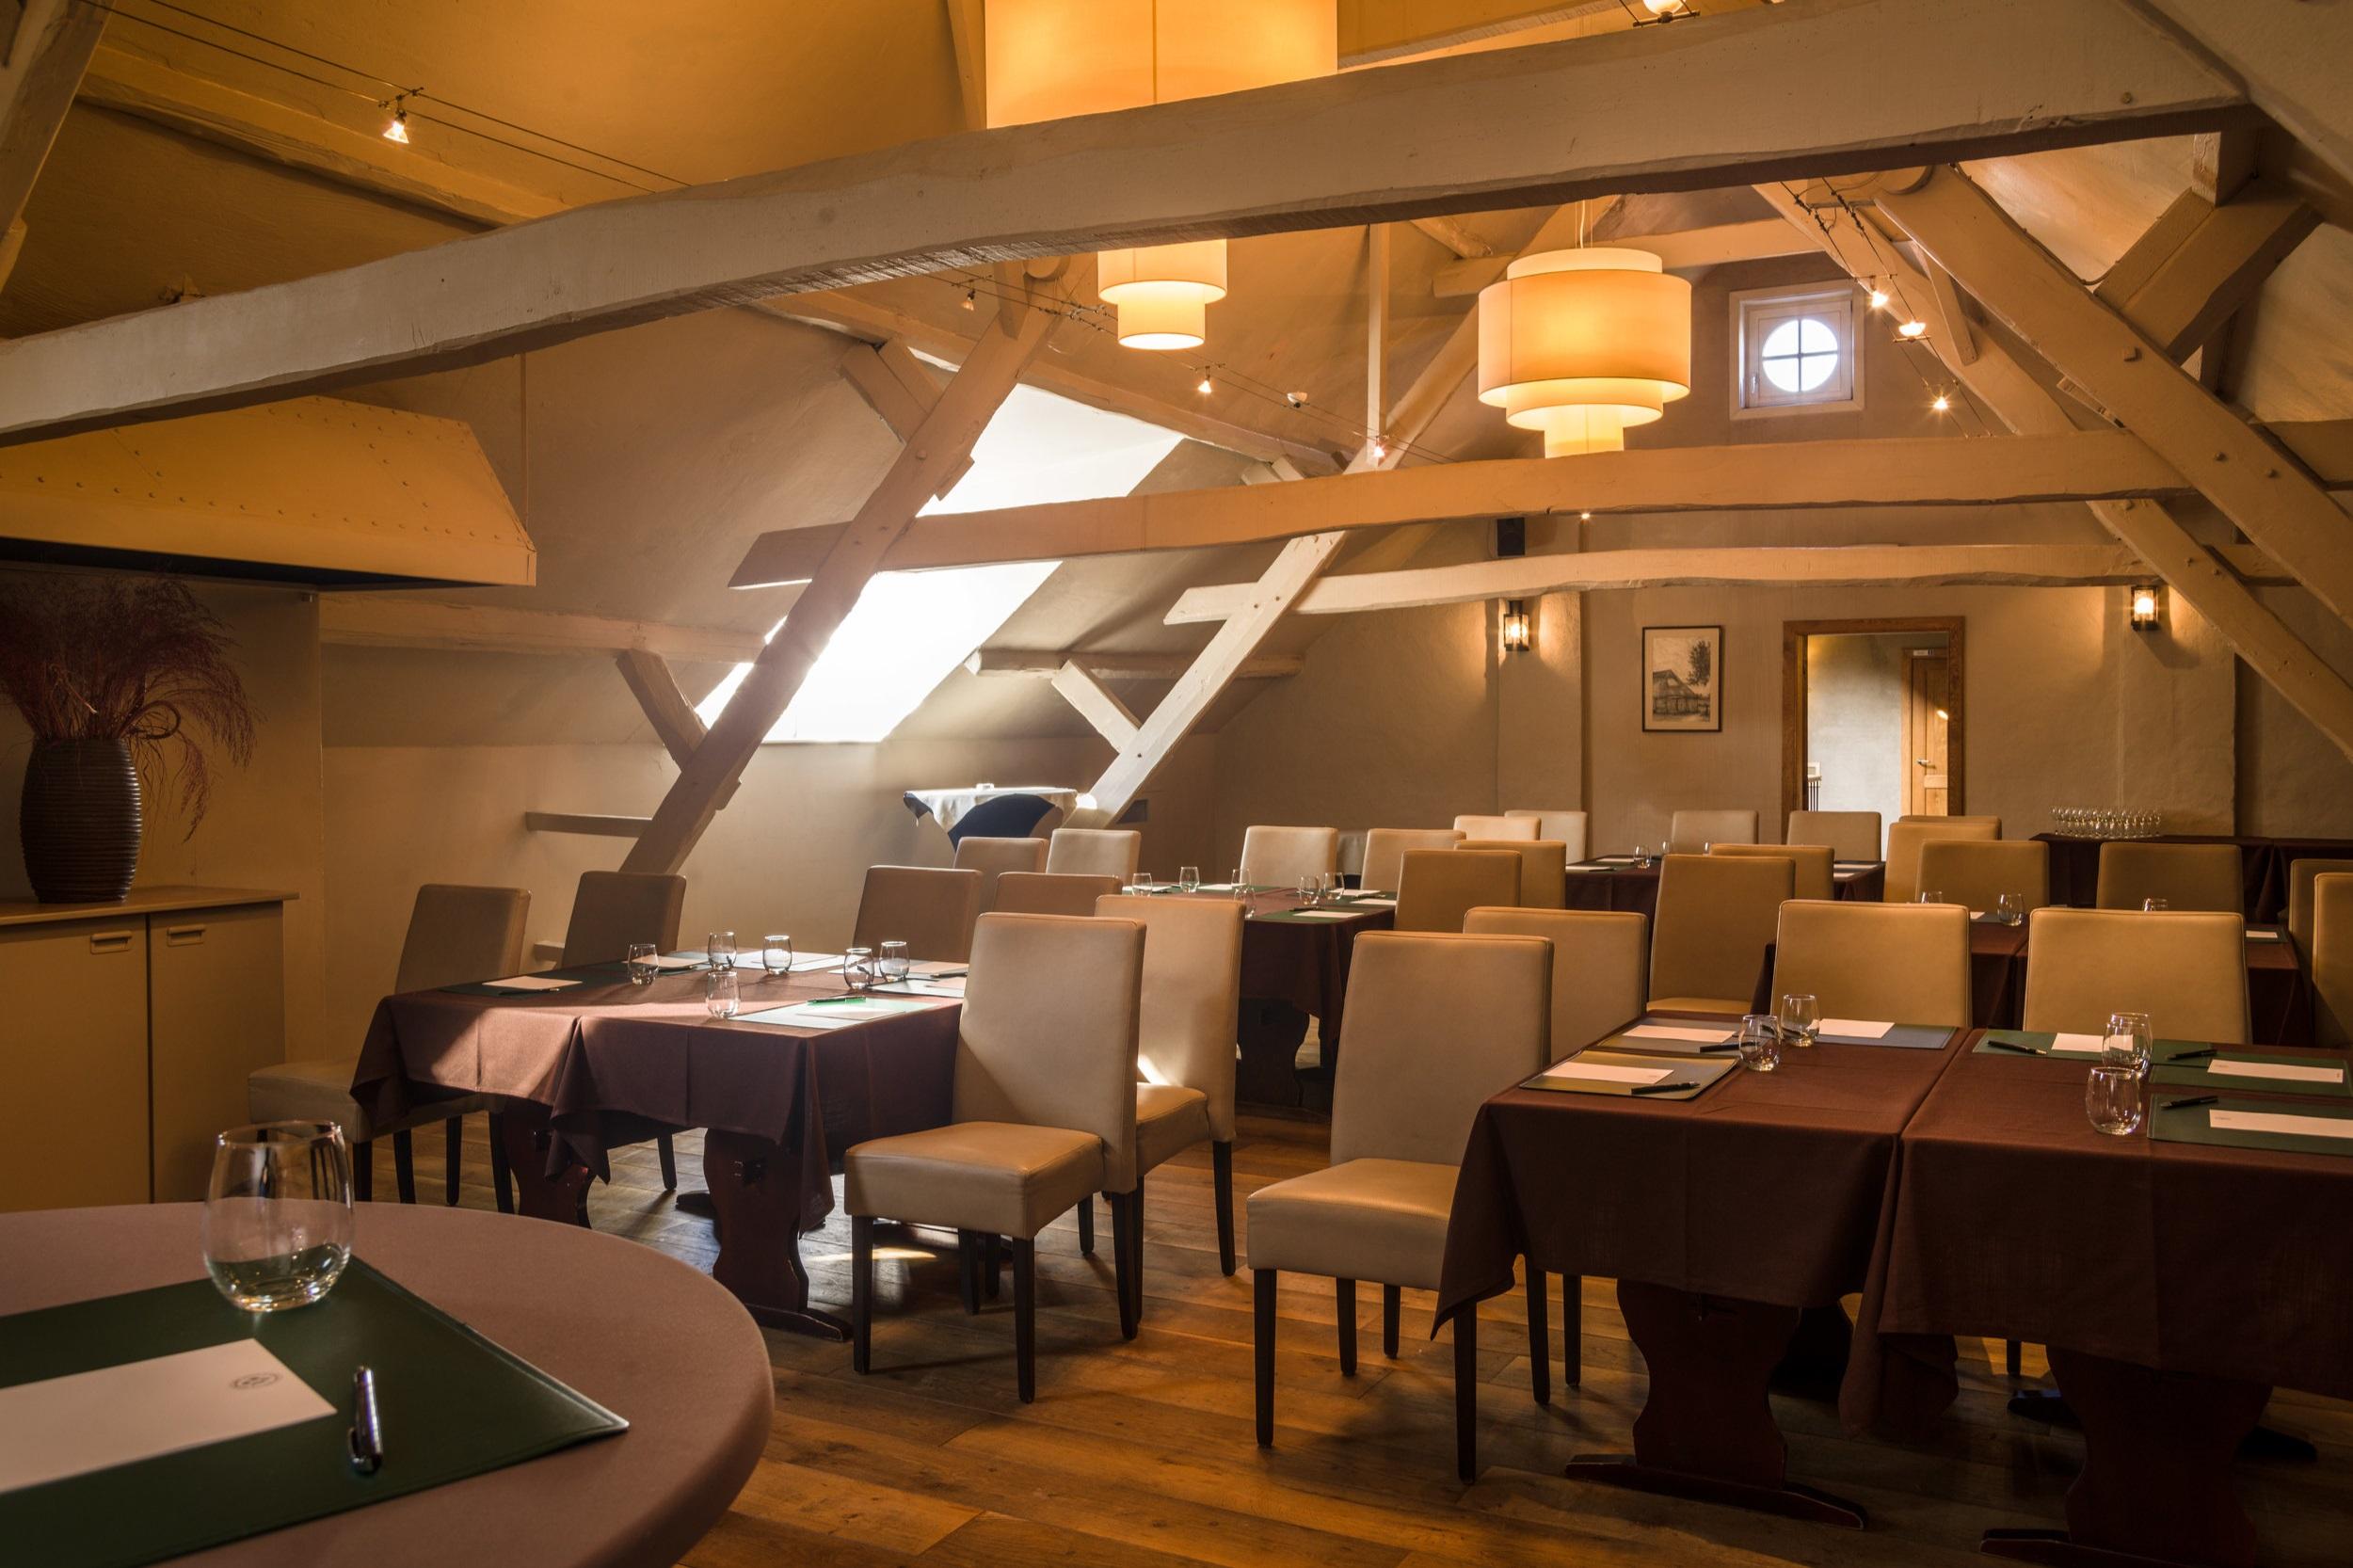 Hooizolder - Een charmante zaal op de eerste verdieping. De beperktere lichtsinval zorgt ervoor dat al uw projecties en voorstellingen haarscherp zijn.